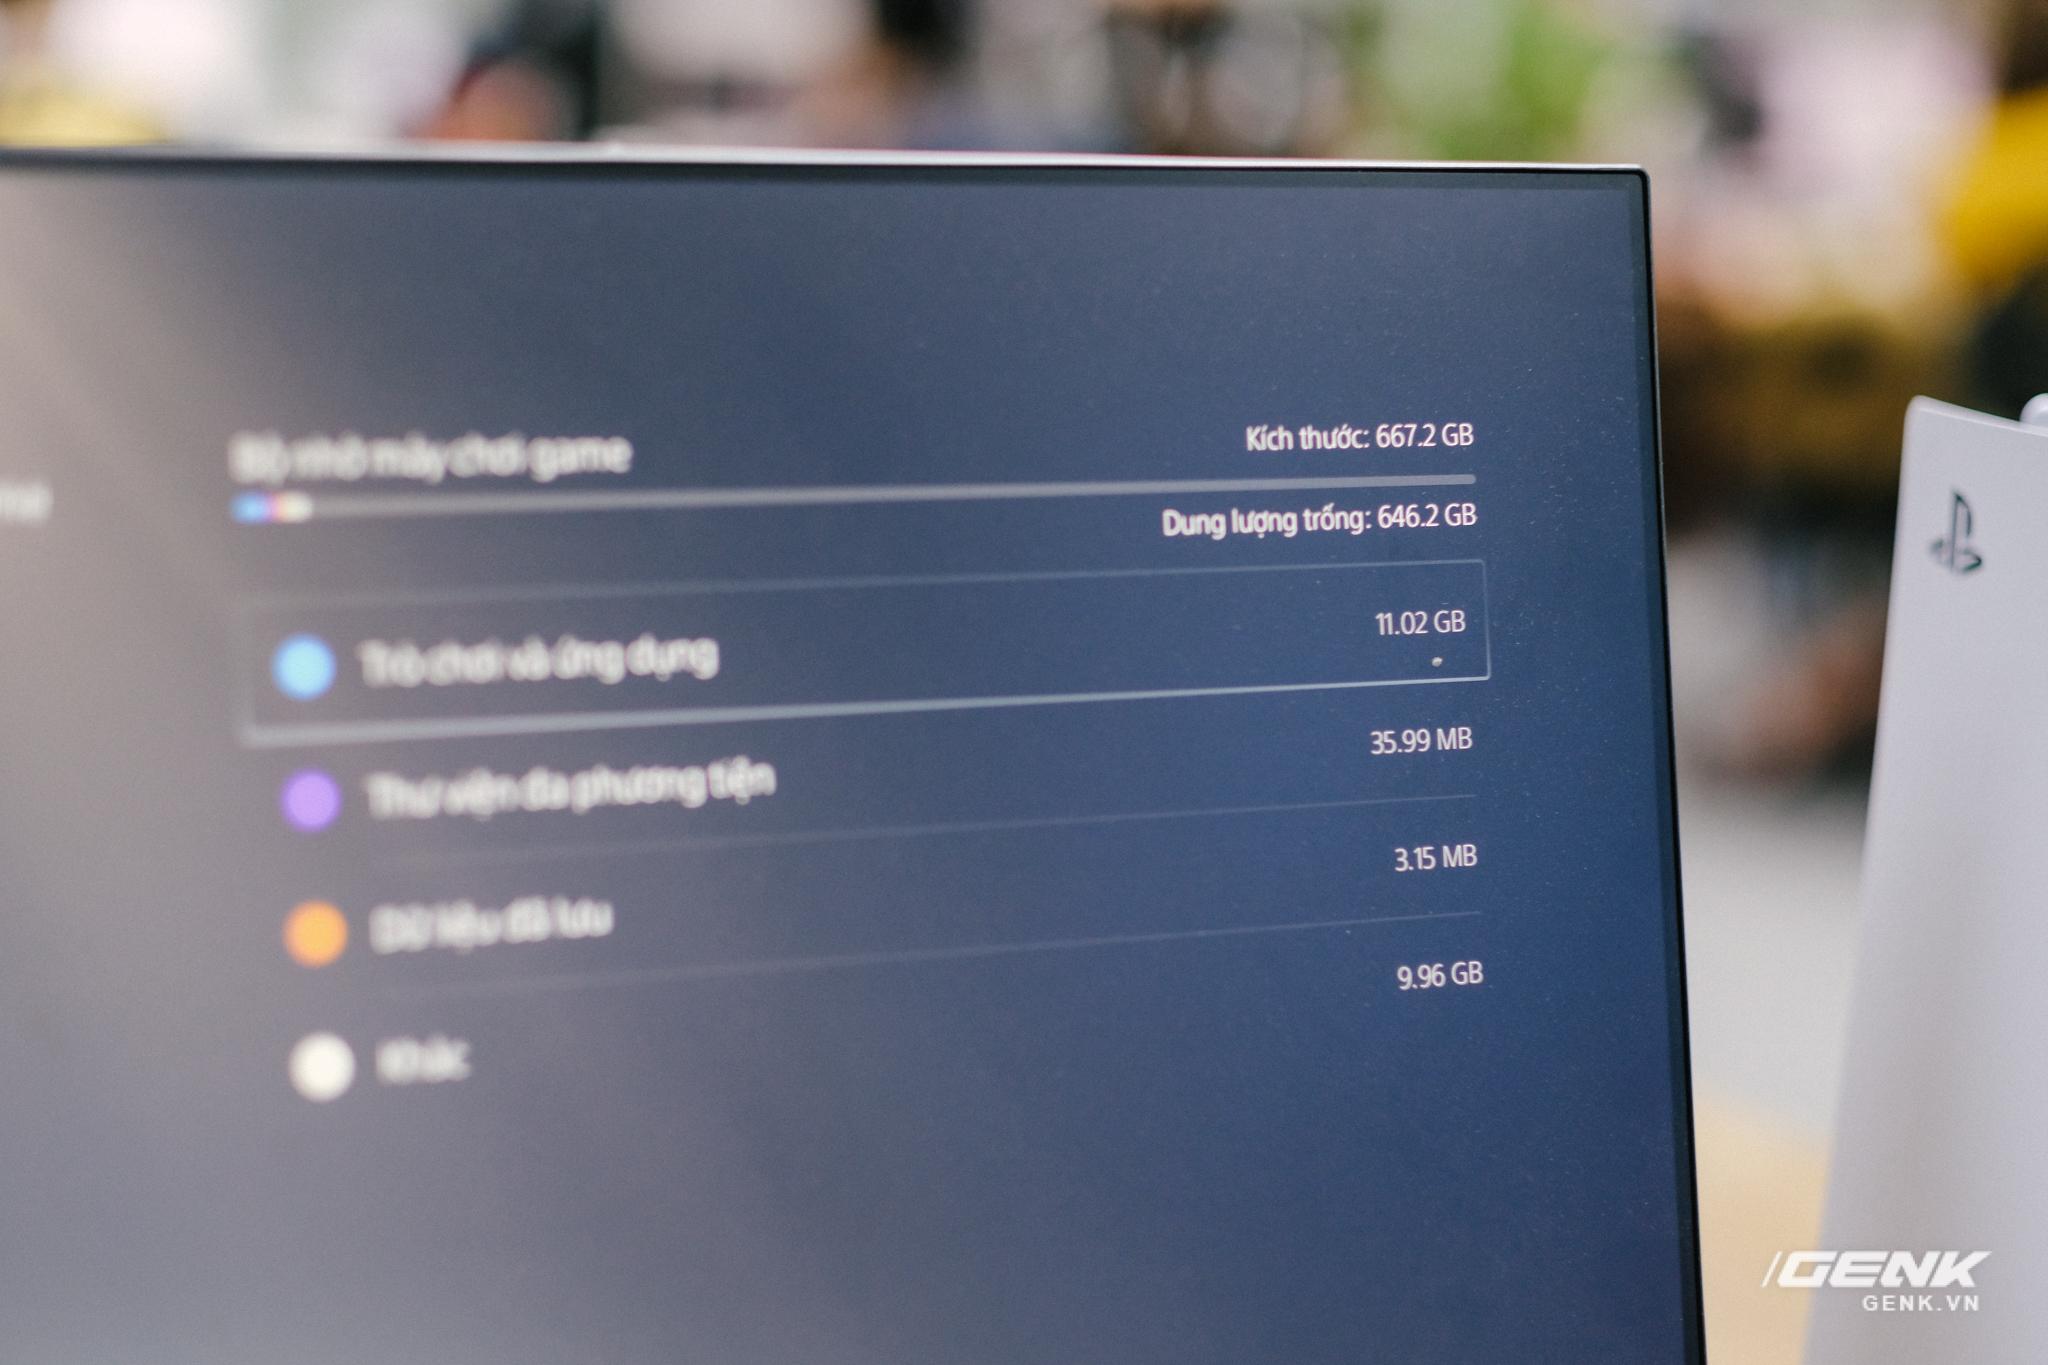 Mở hộp Playstation 5 chính hãng bán tại VN: Cấu hình mạnh, tay cầm xịn, mỗi tội phải mua bia kèm lạc - Ảnh 9.